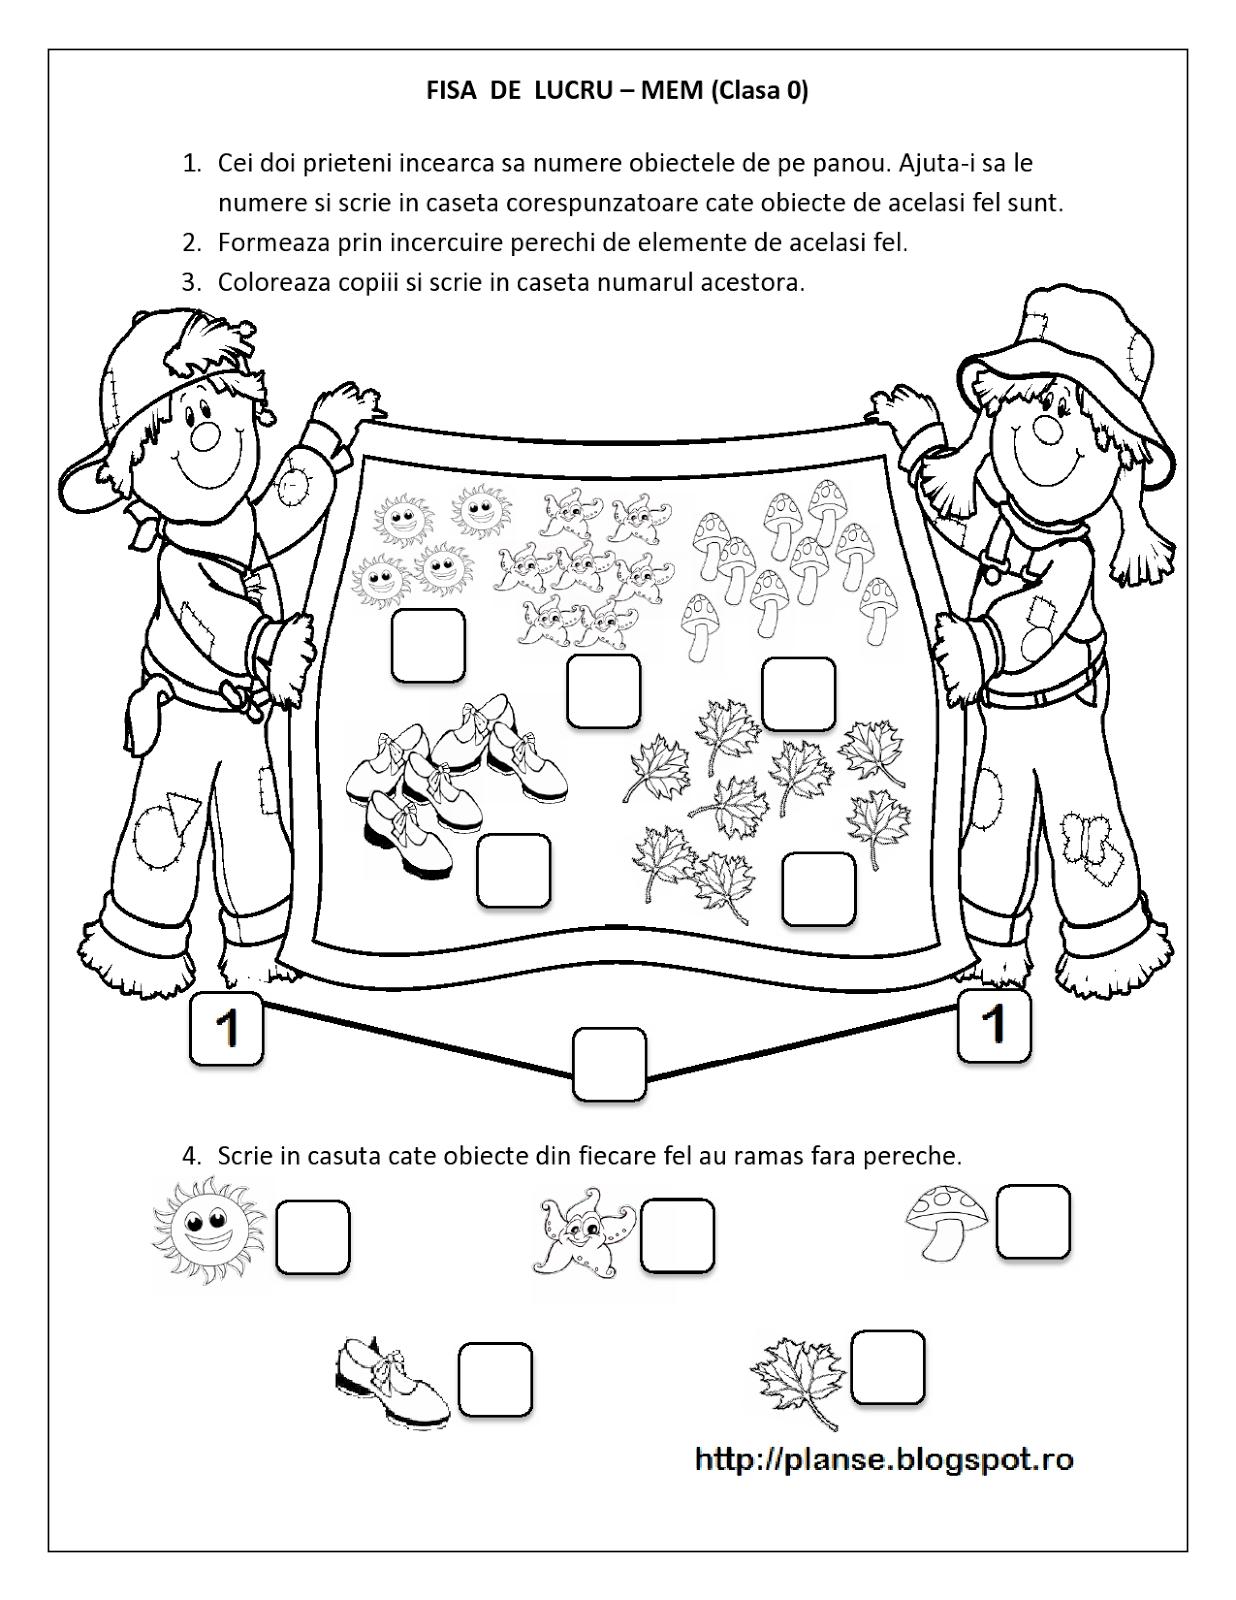 Planse de colorat si fise pentru copii: FISE MEM Clasa